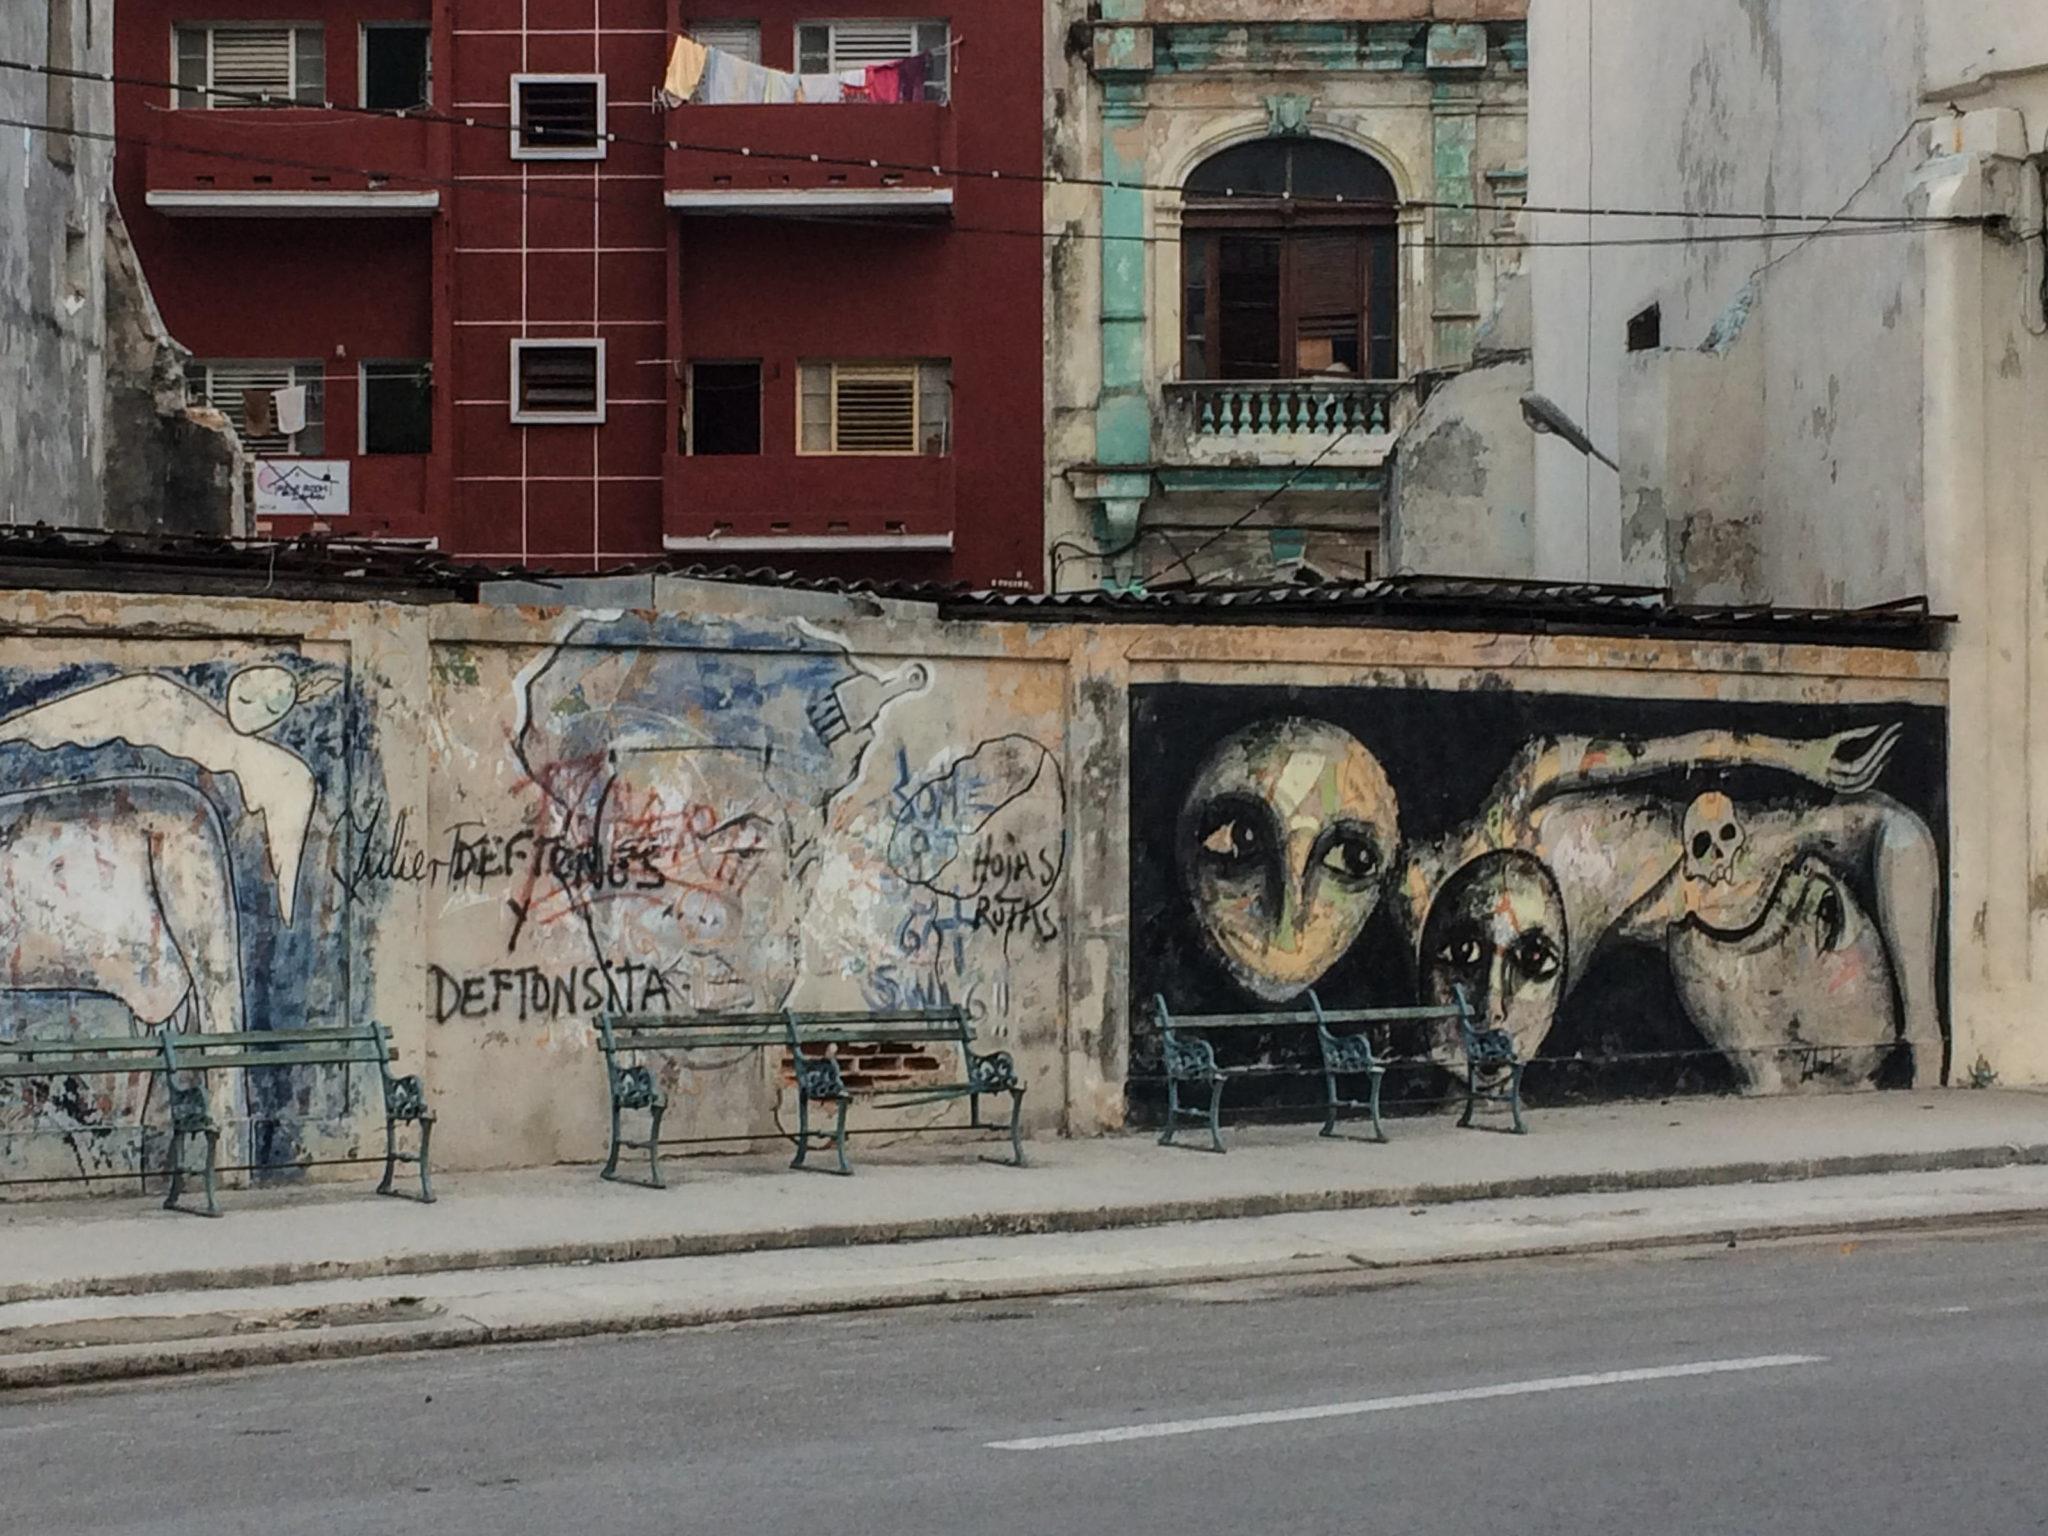 Cuba: Your mind is a prison